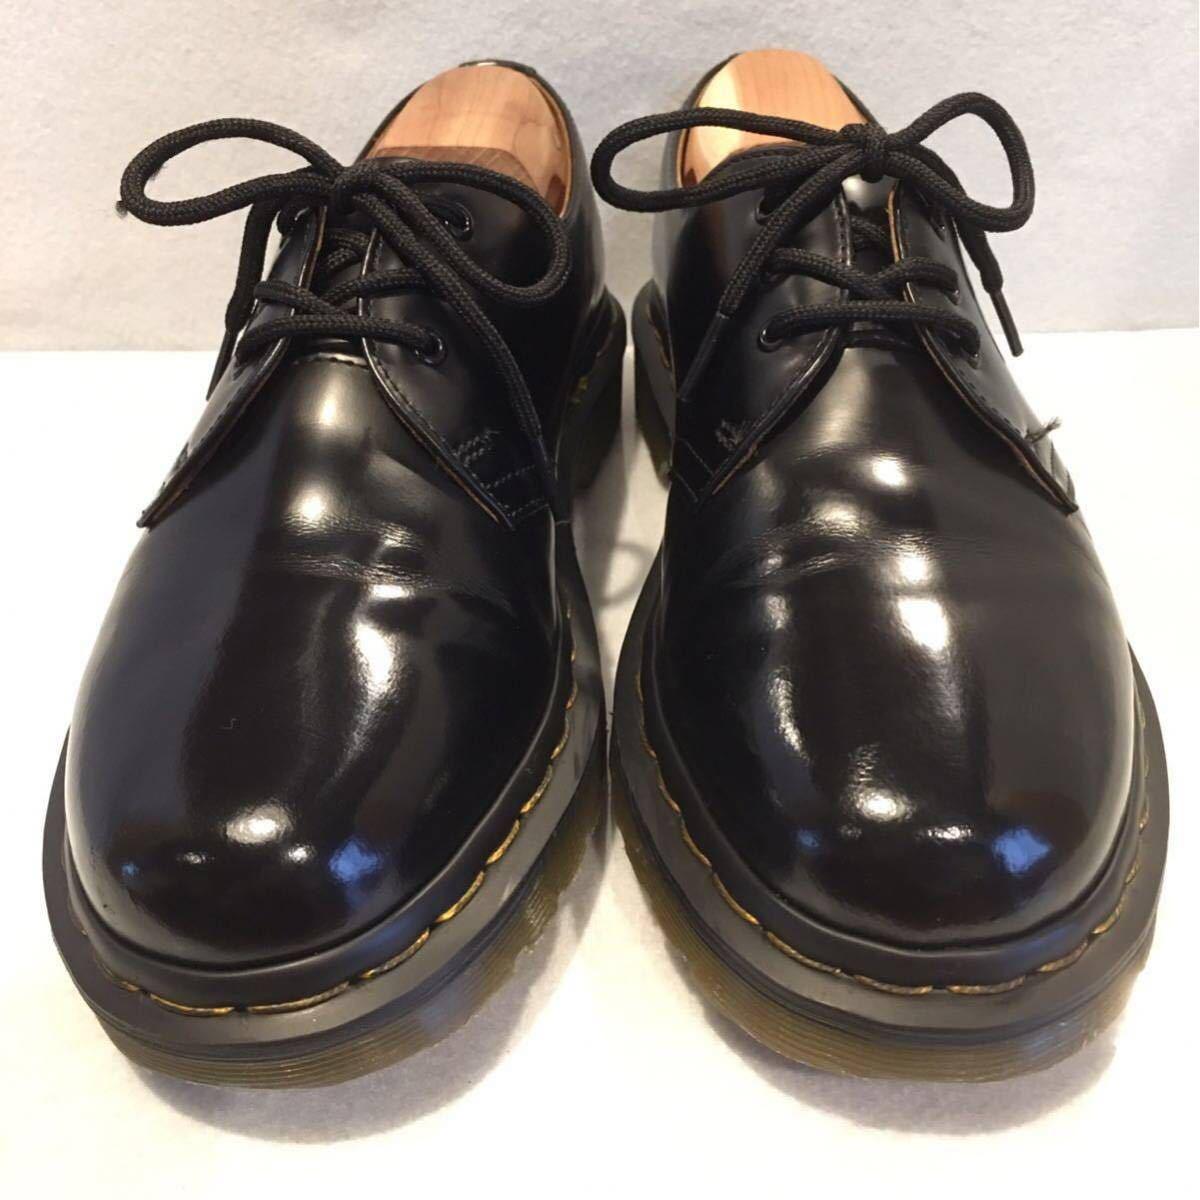 ★Dr.Martens ドクターマーチン 3ホール★UK5(24.0cm)★黒 ブラック★革靴 レザーシューズ★_画像2